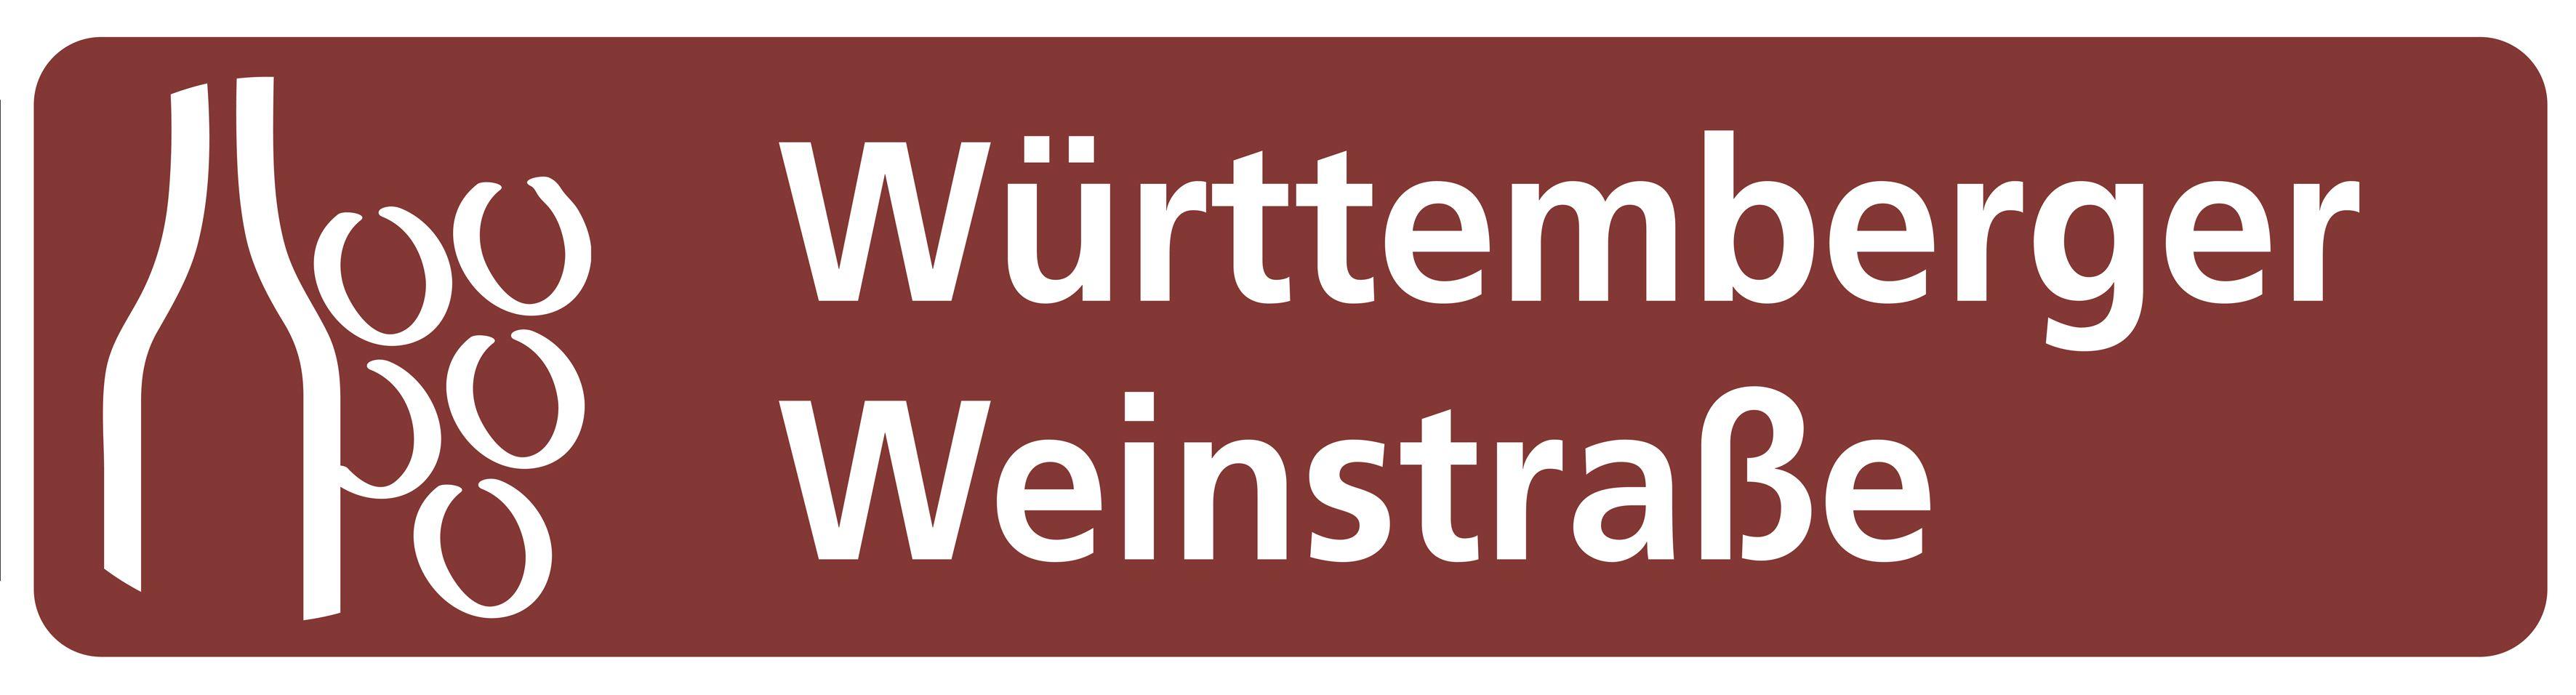 Württemberger Weinstraße